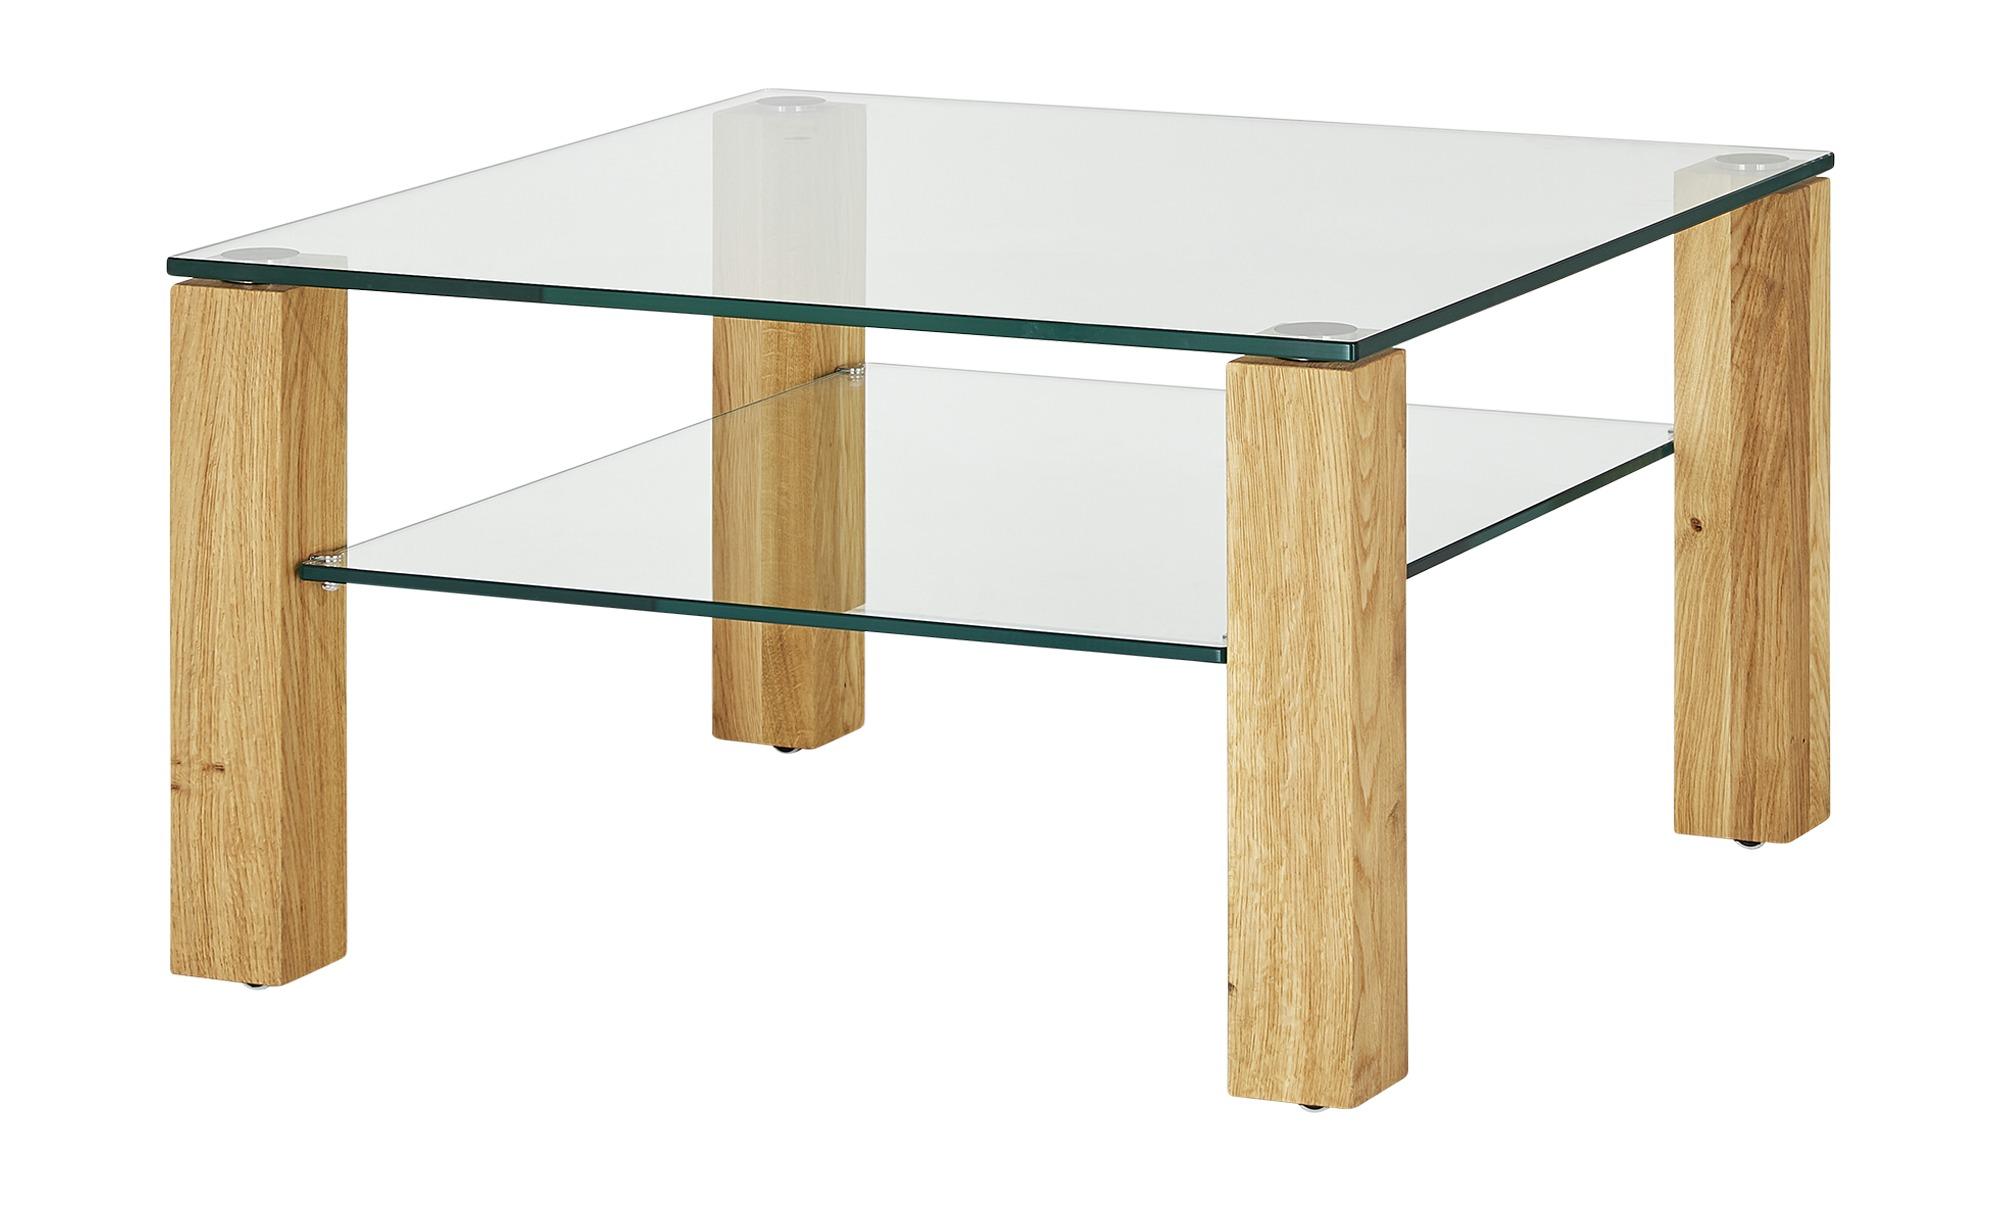 Couchtisch  Louisiana ¦ Maße (cm): B: 80 H: 45 T: 80 Tische > Couchtische > Couchtische rechteckig - Höffner